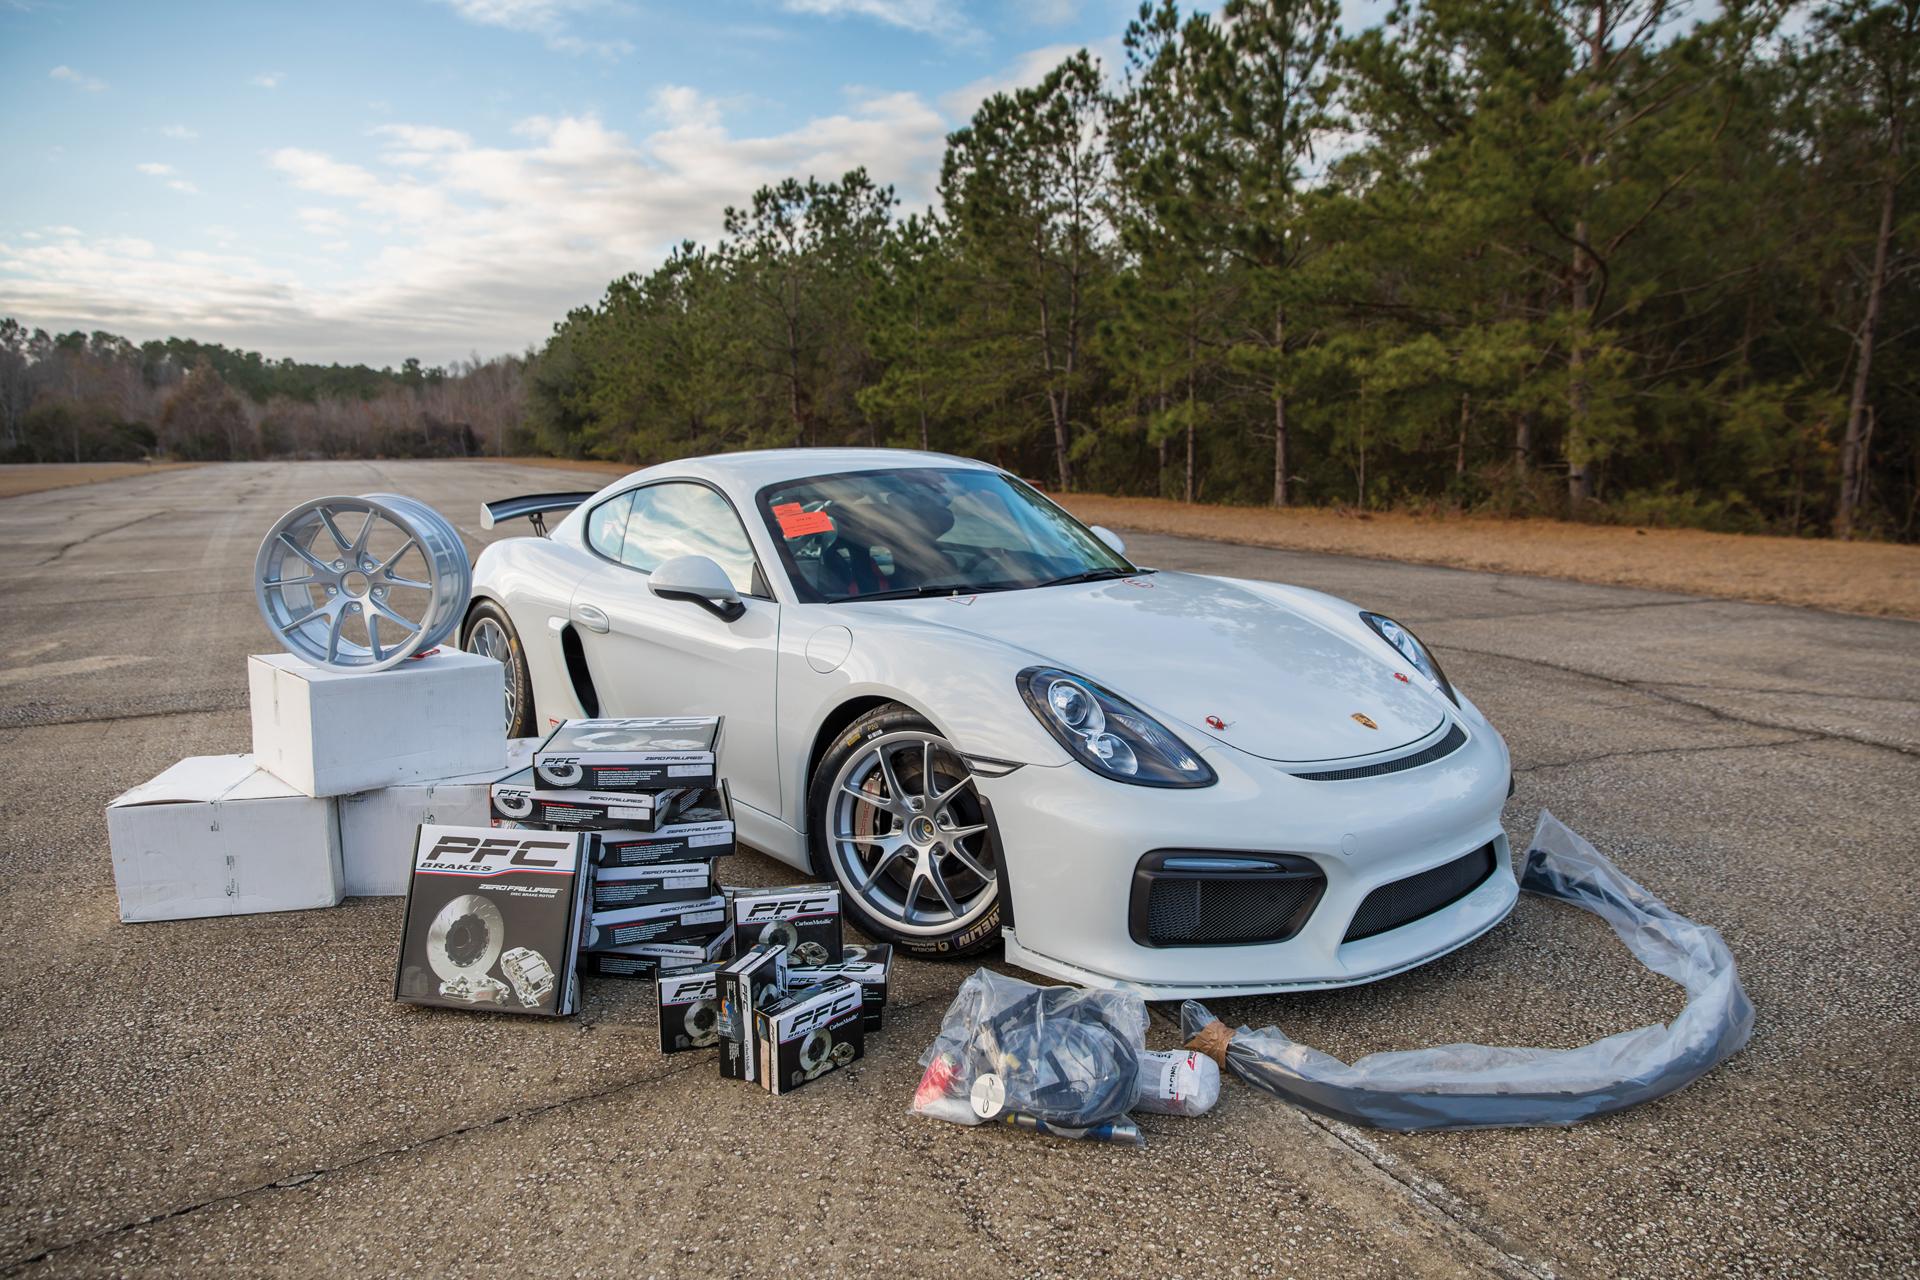 2018 RM - 2016 Porsche Cayman GT4 Clubsport 033A - Deremer Studi